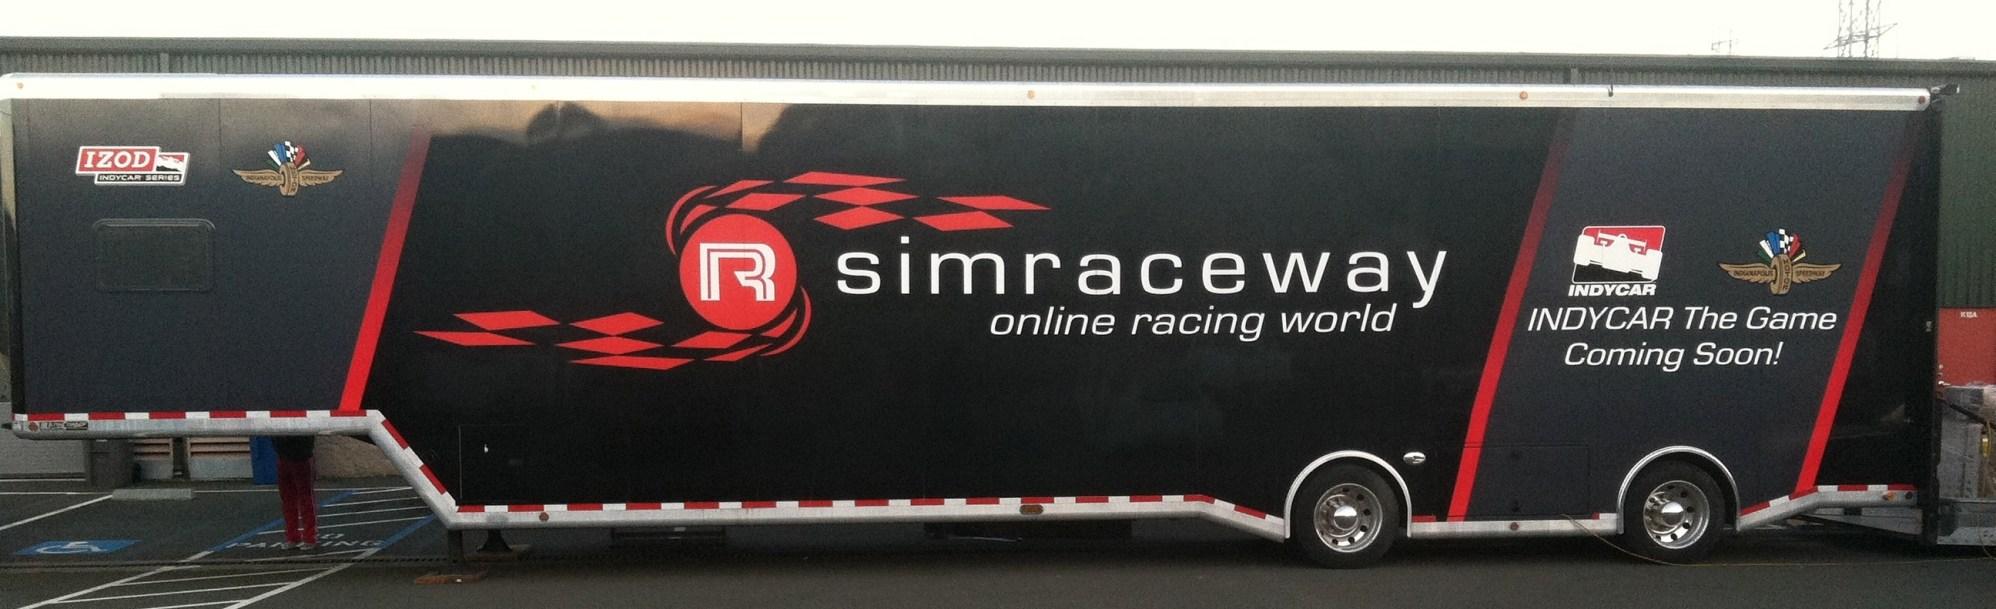 simraceway wrap